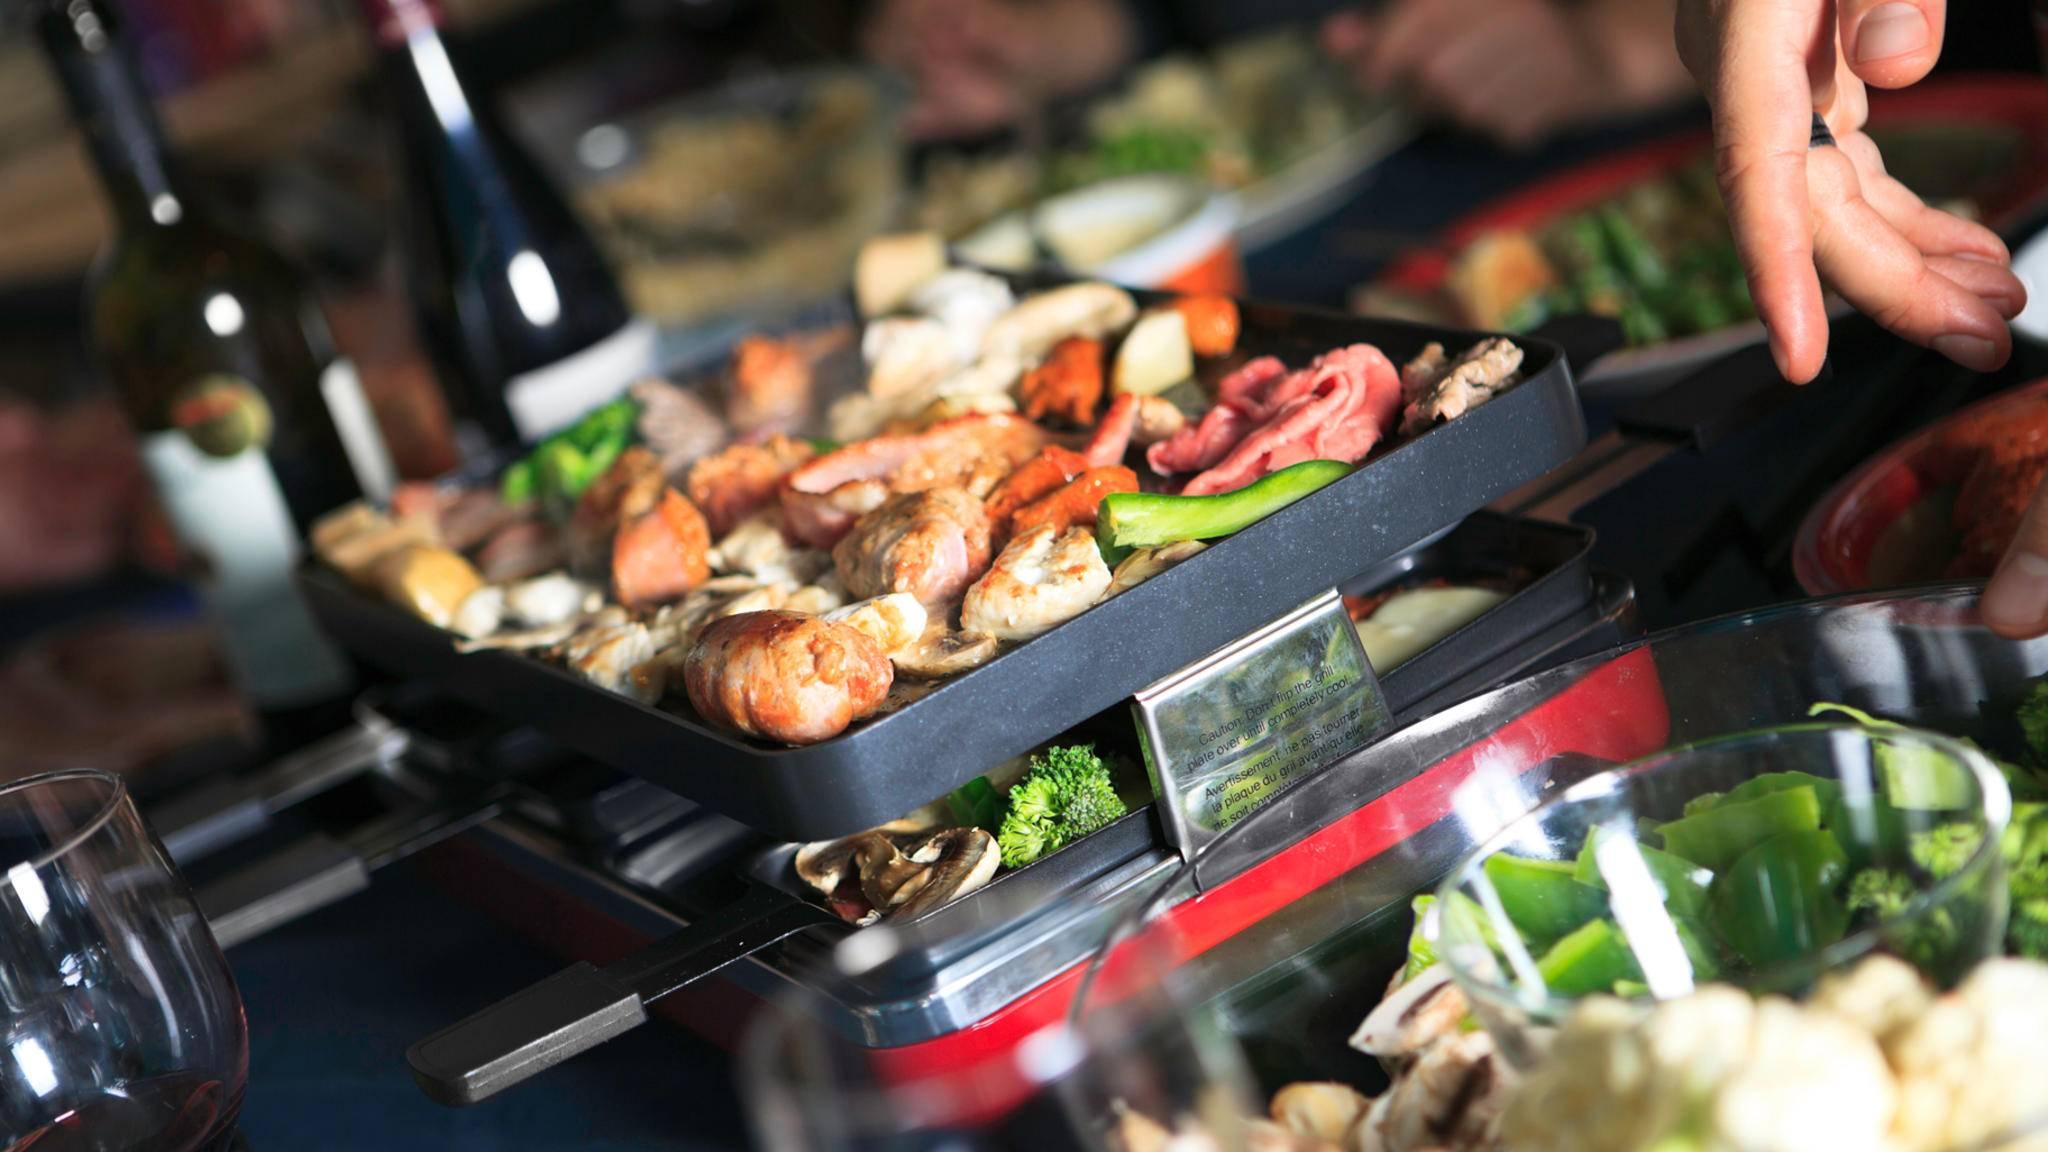 Den passenden Raclette-Grill zu finden, ist gar nicht so einfach.